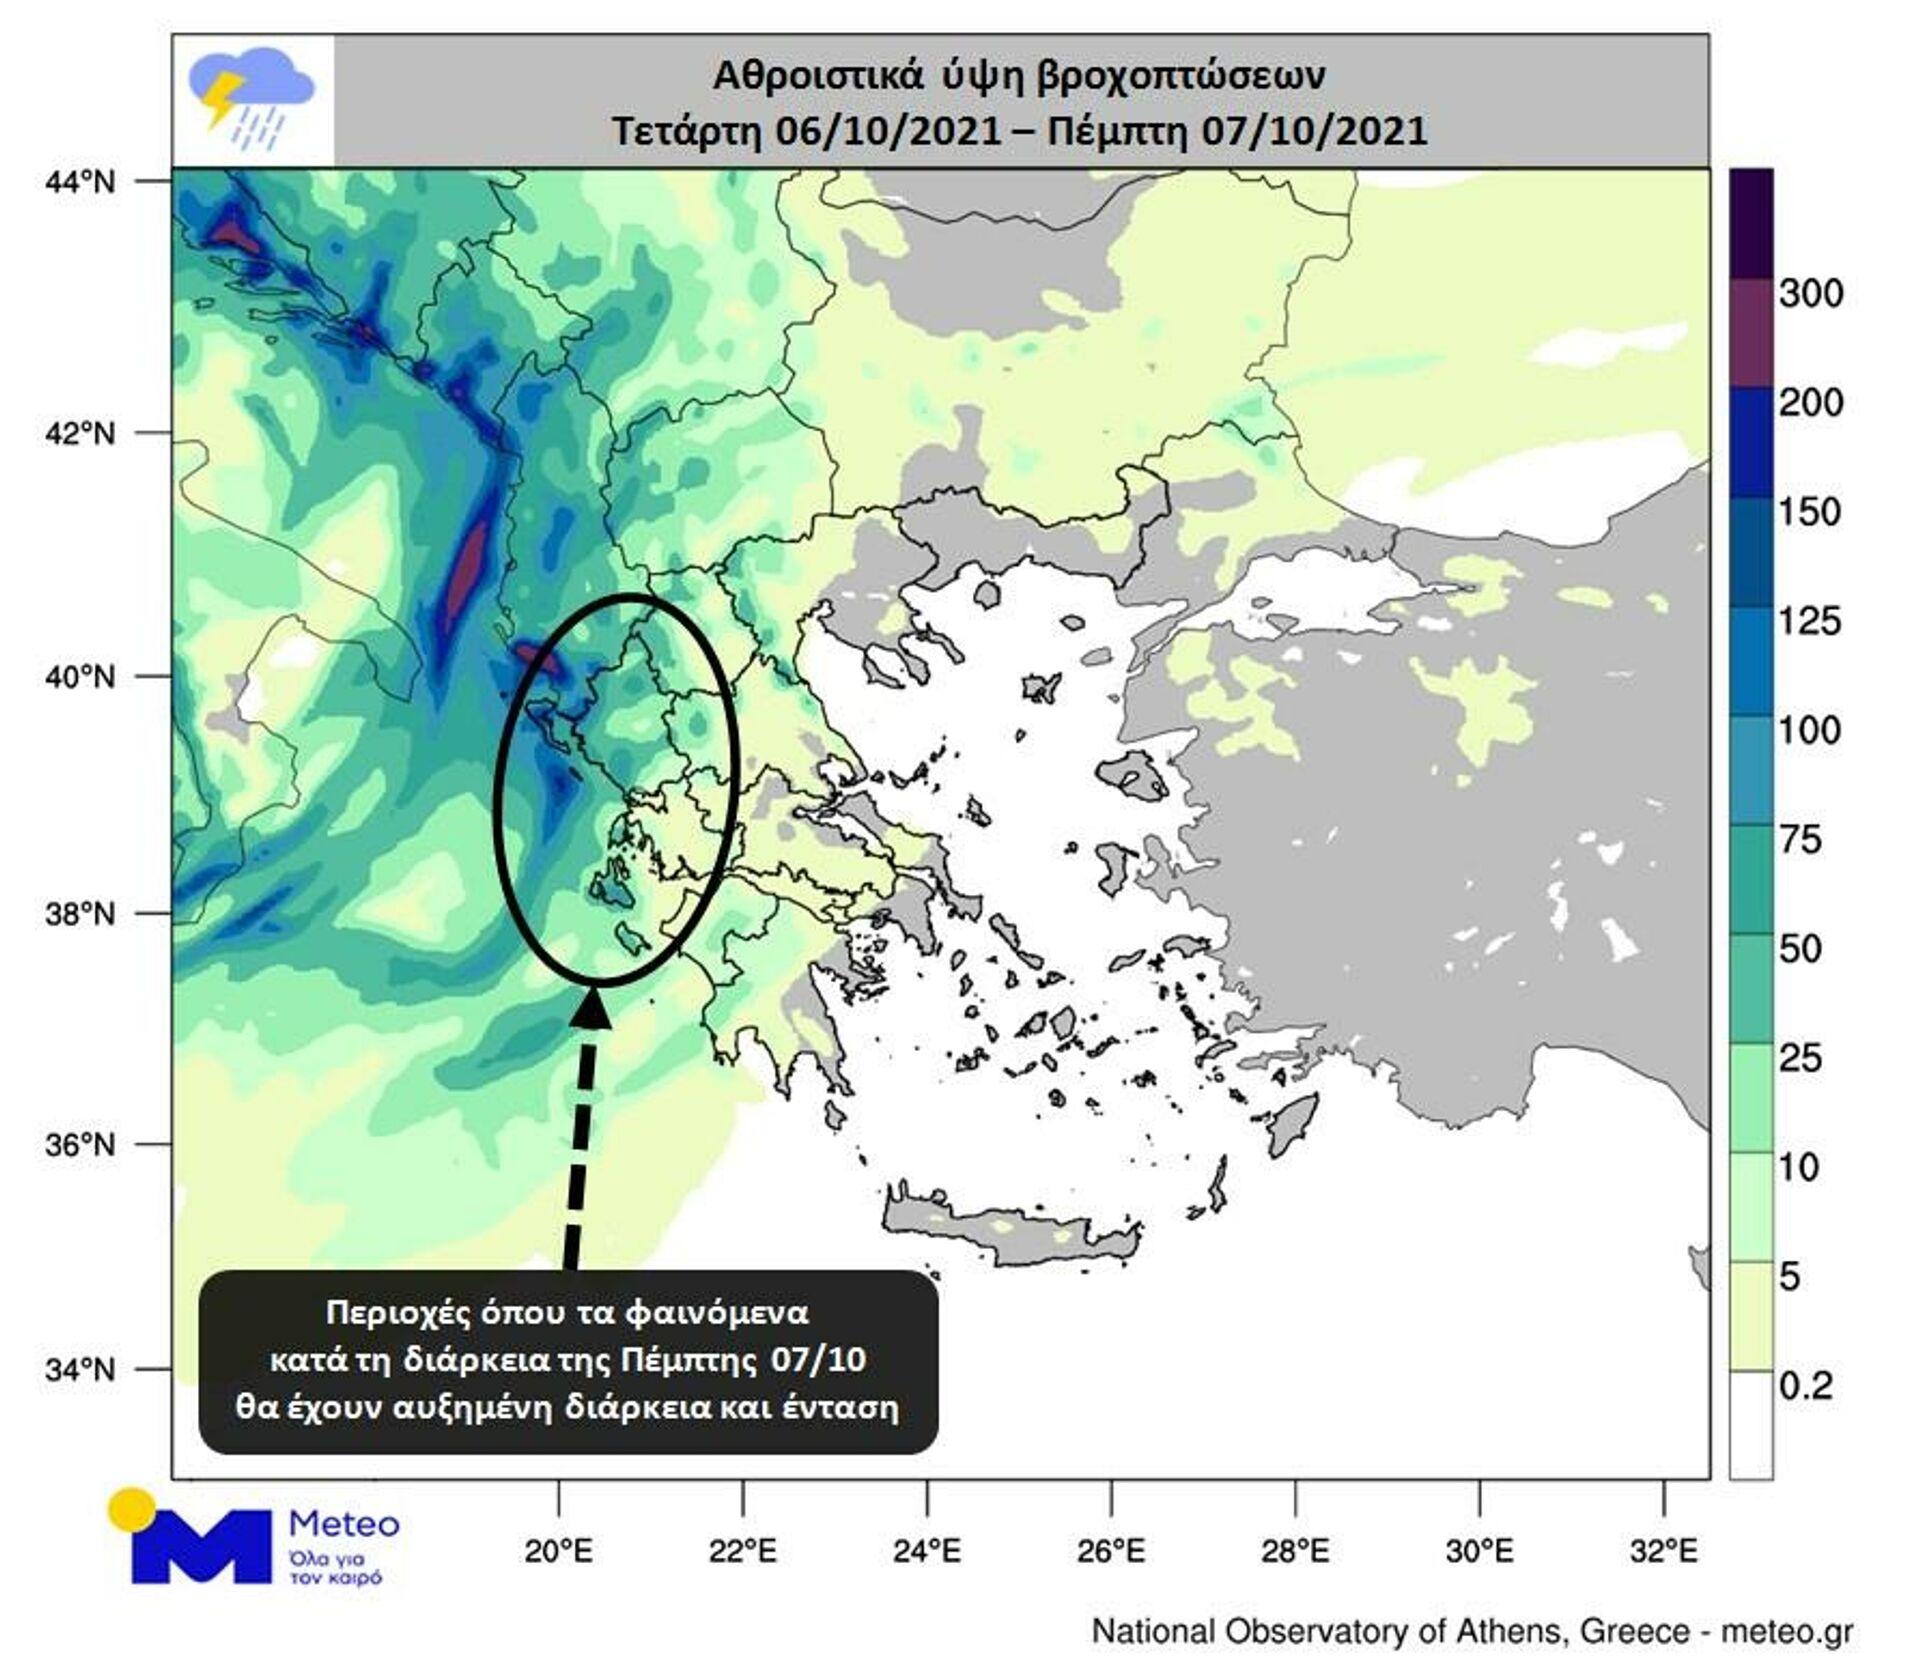 Εκτιμώμενα αθροιστικά ύψη υετού (βροχές/καταιγίδες) έως τις βραδινές ώρες της Πέμπτης 07/10 - Sputnik Ελλάδα, 1920, 06.10.2021